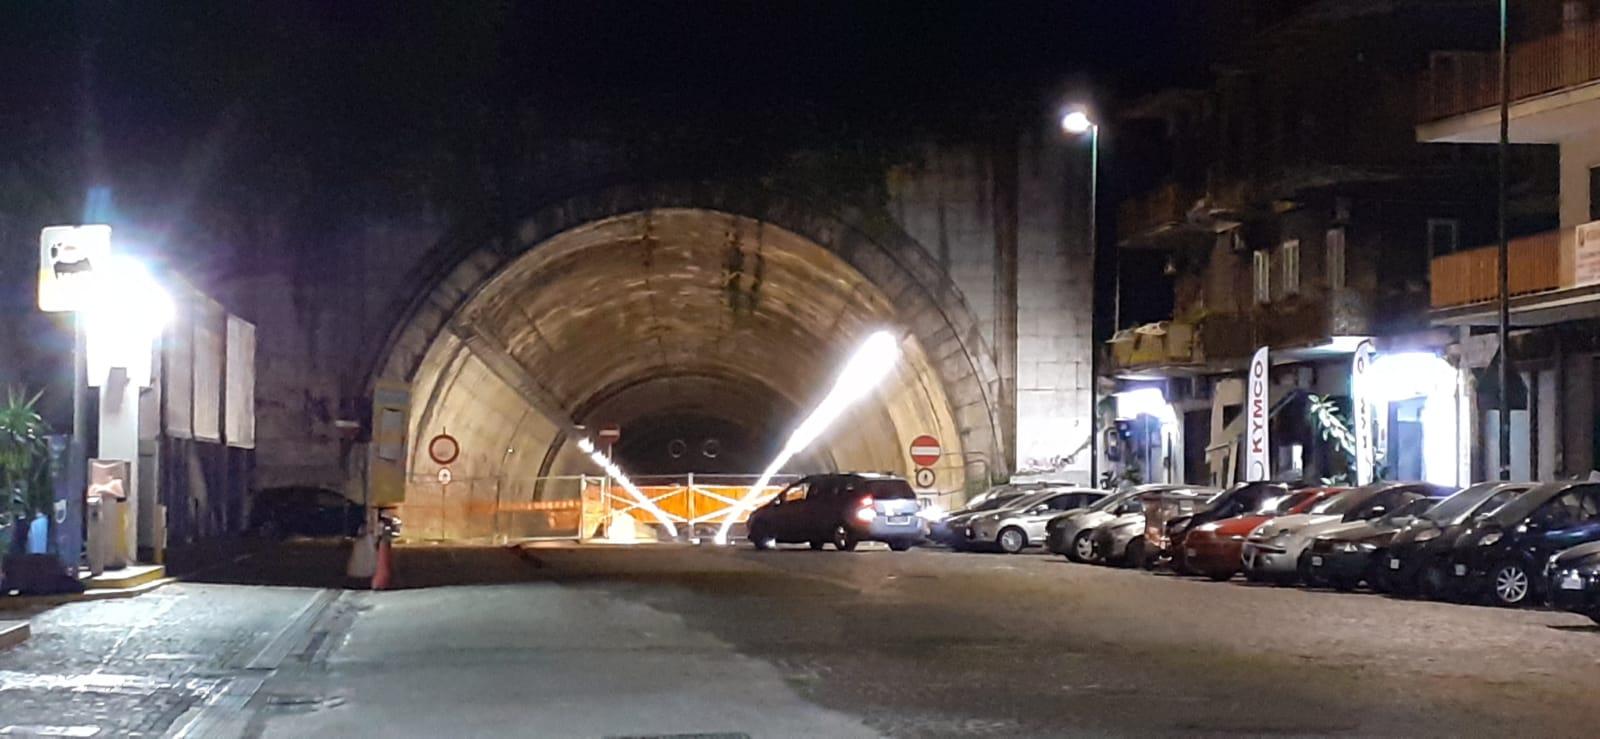 """Napoli, Manfredi: """"infiltrazioni nella Galleria 4 Giornate c'erano da mesi. E' inaccettabile il blocco"""""""